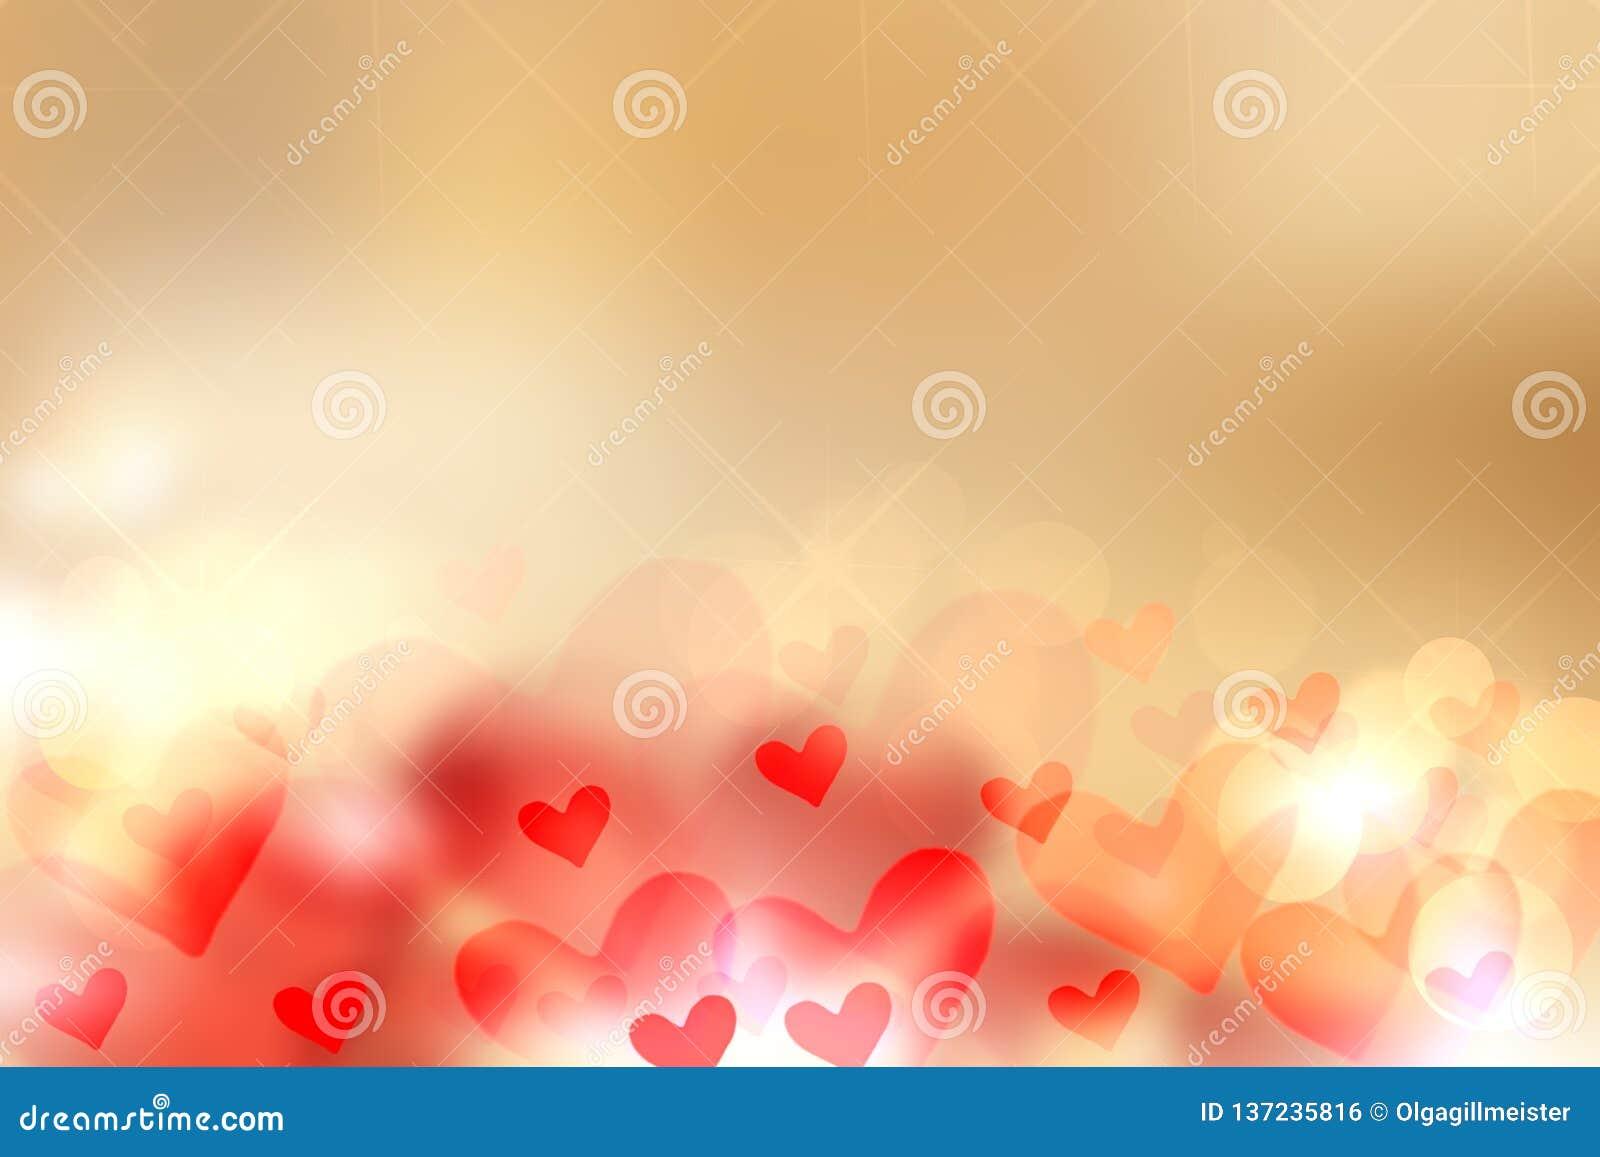 Ευτυχές βαλεντίνοι ή υπόβαθρο ημέρας γάμου Αφηρημένο χρυσό υπόβαθρο διακοπών αγάπης ρομαντικό με τις κόκκινες και χρυσές καρδιές